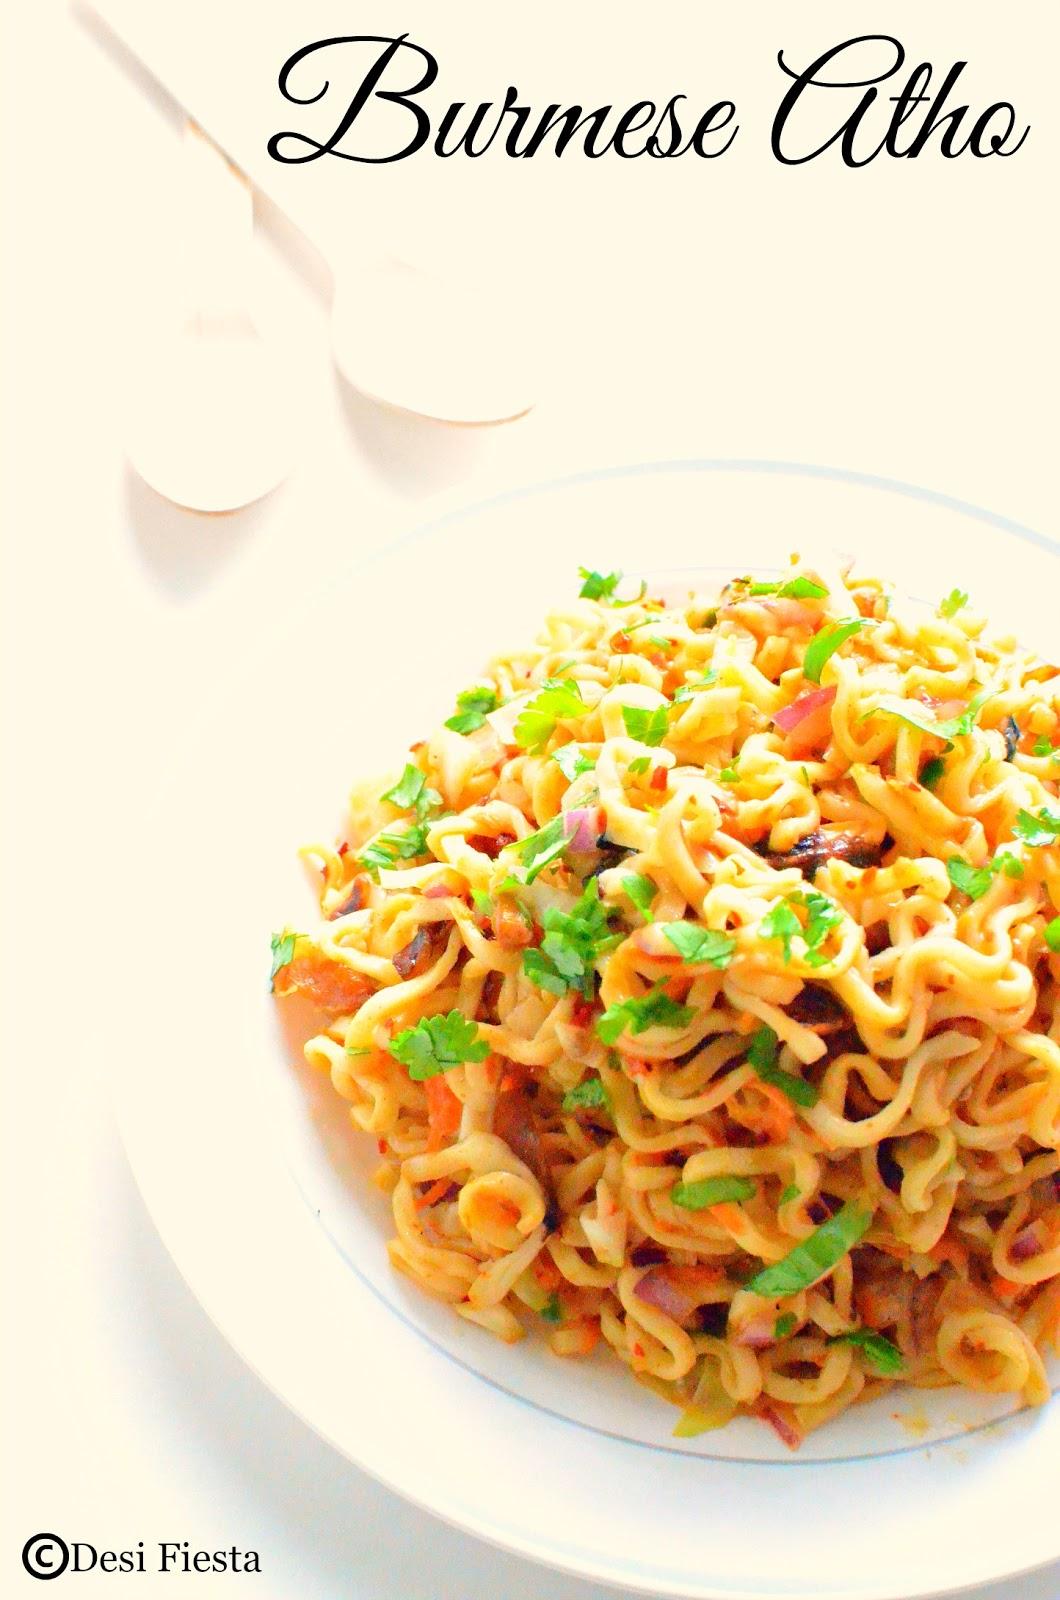 Burmese Recipes